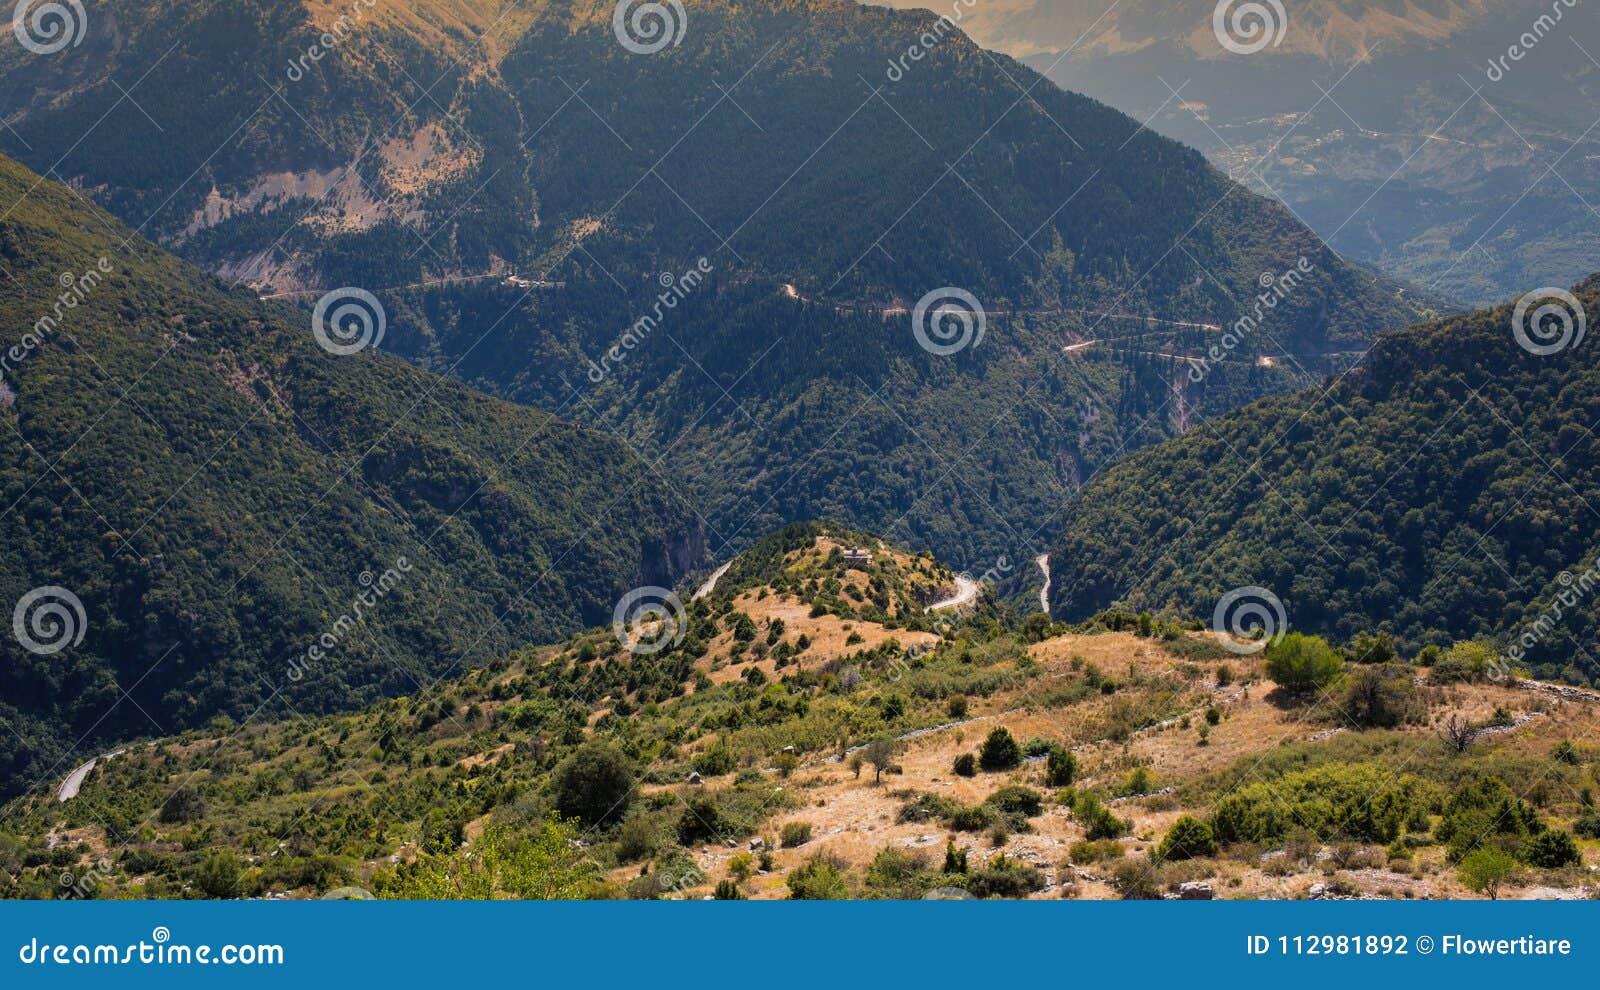 Panoramic view of mountain in National Park of Tzoumerka, Greece Epirus region. Mountain